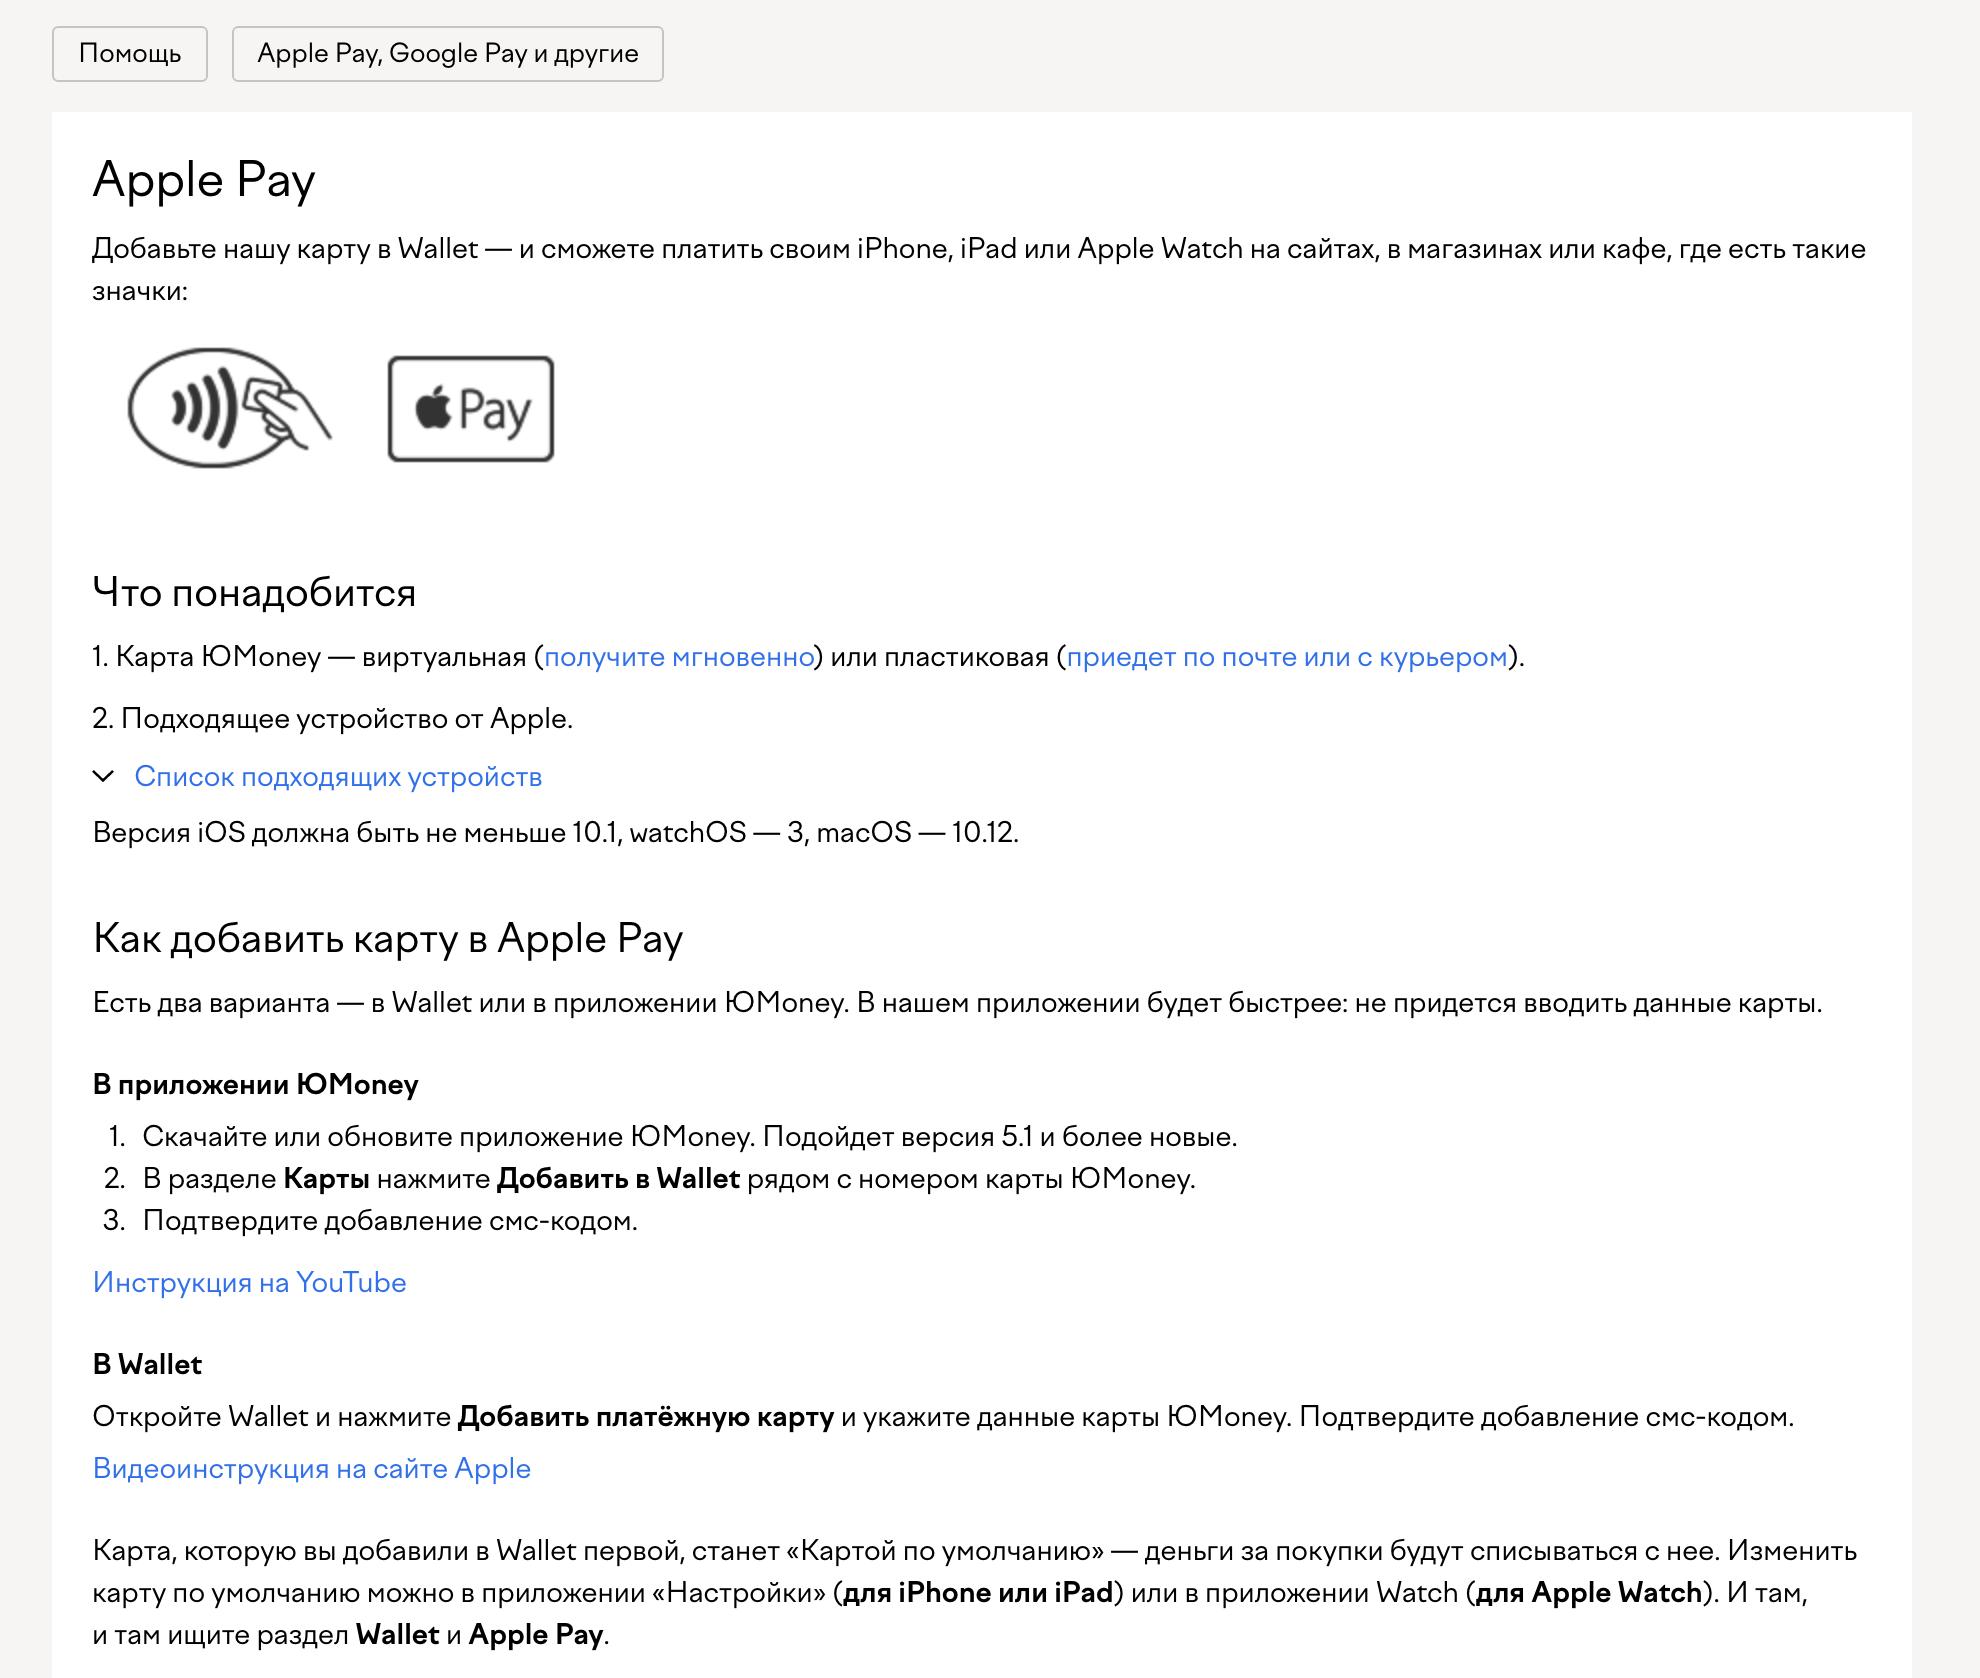 как добавить юмани в apple pay